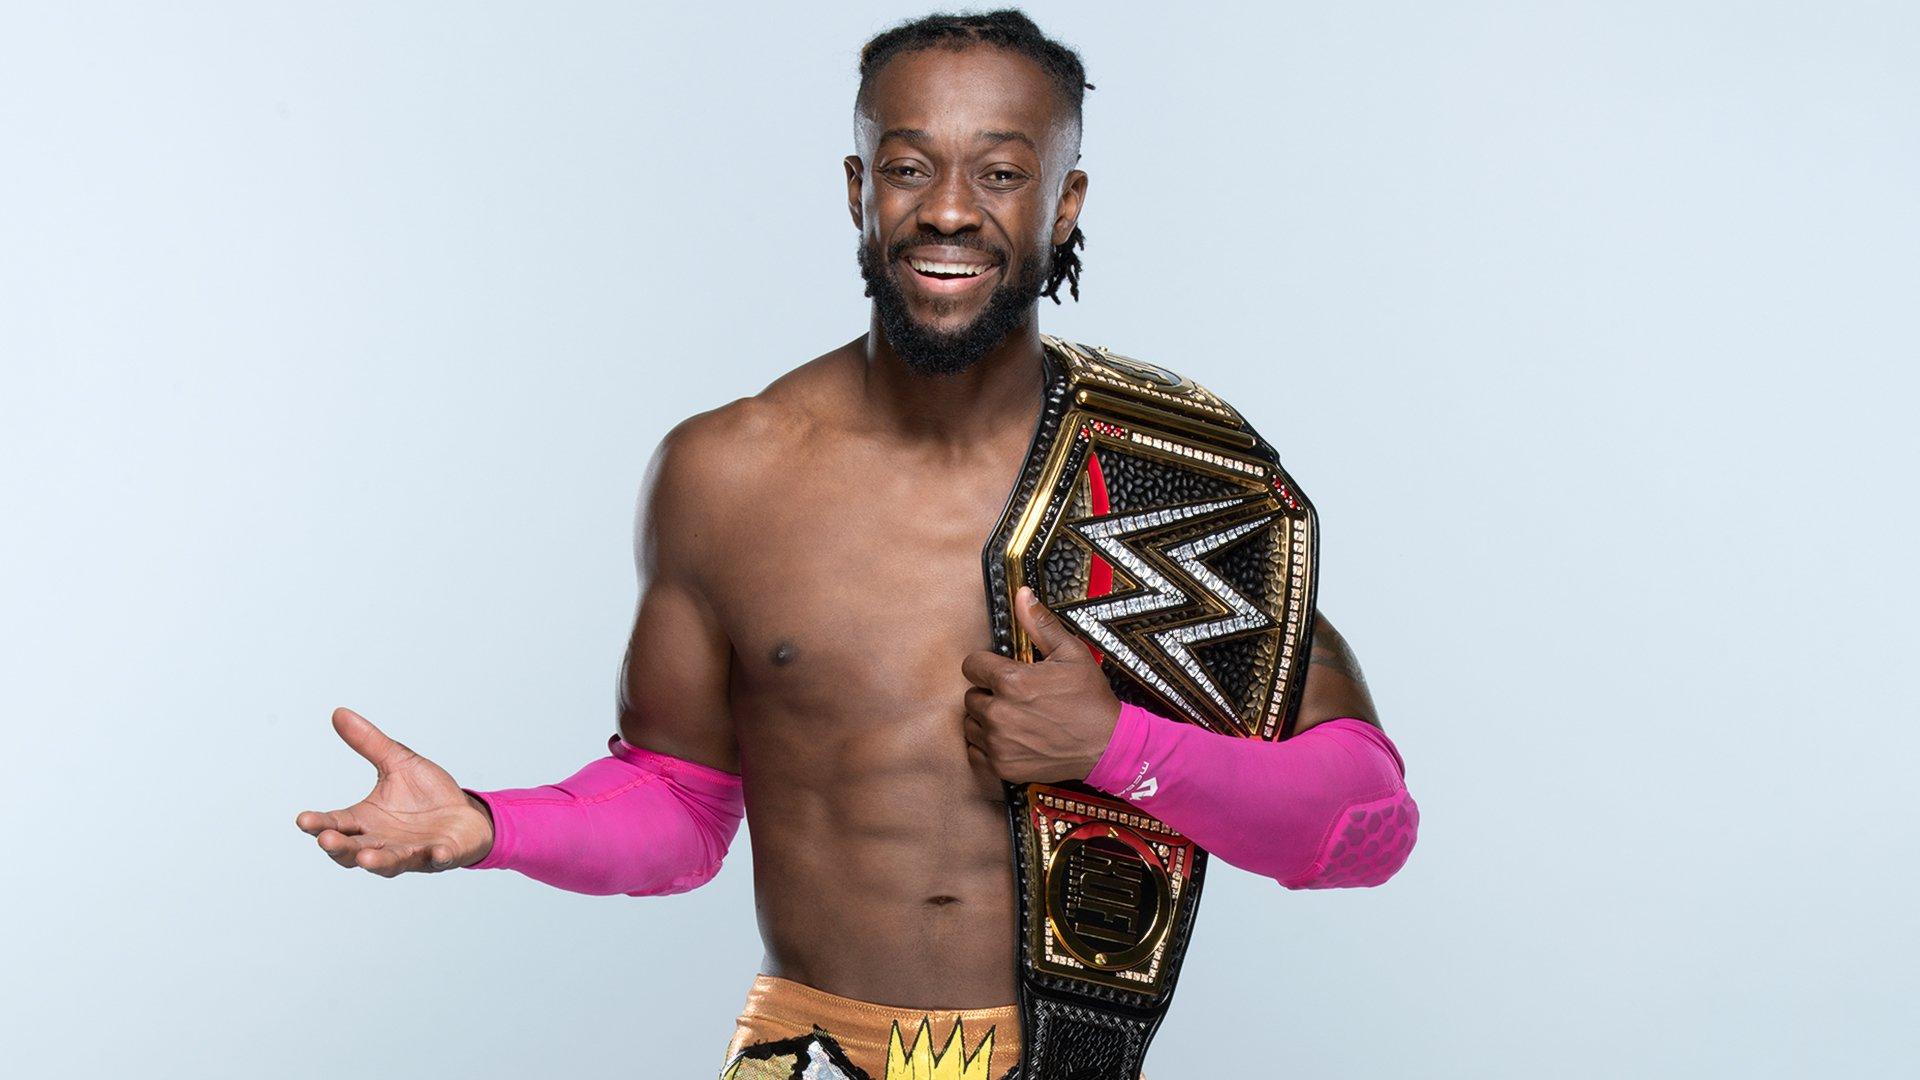 Resultado de imagen para kofi kingston WWE champion